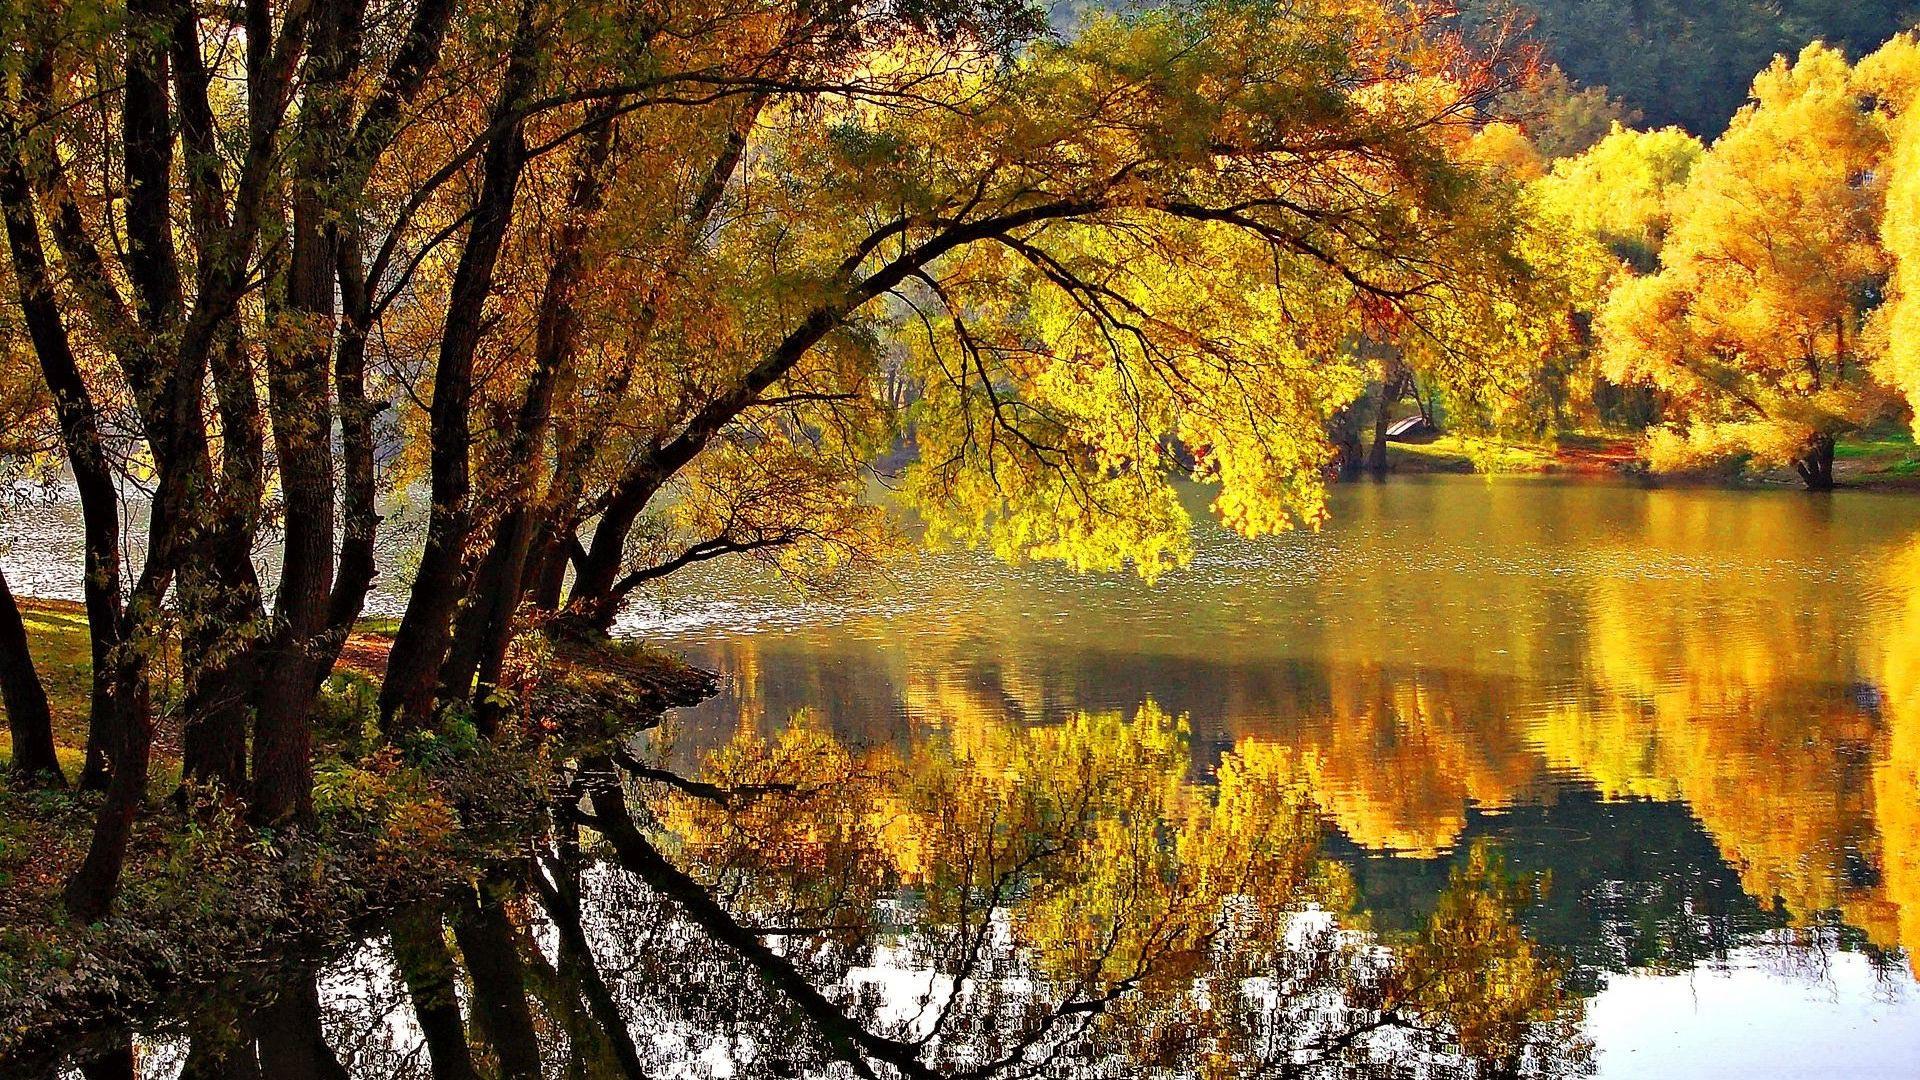 Отражение в воде картинки осень